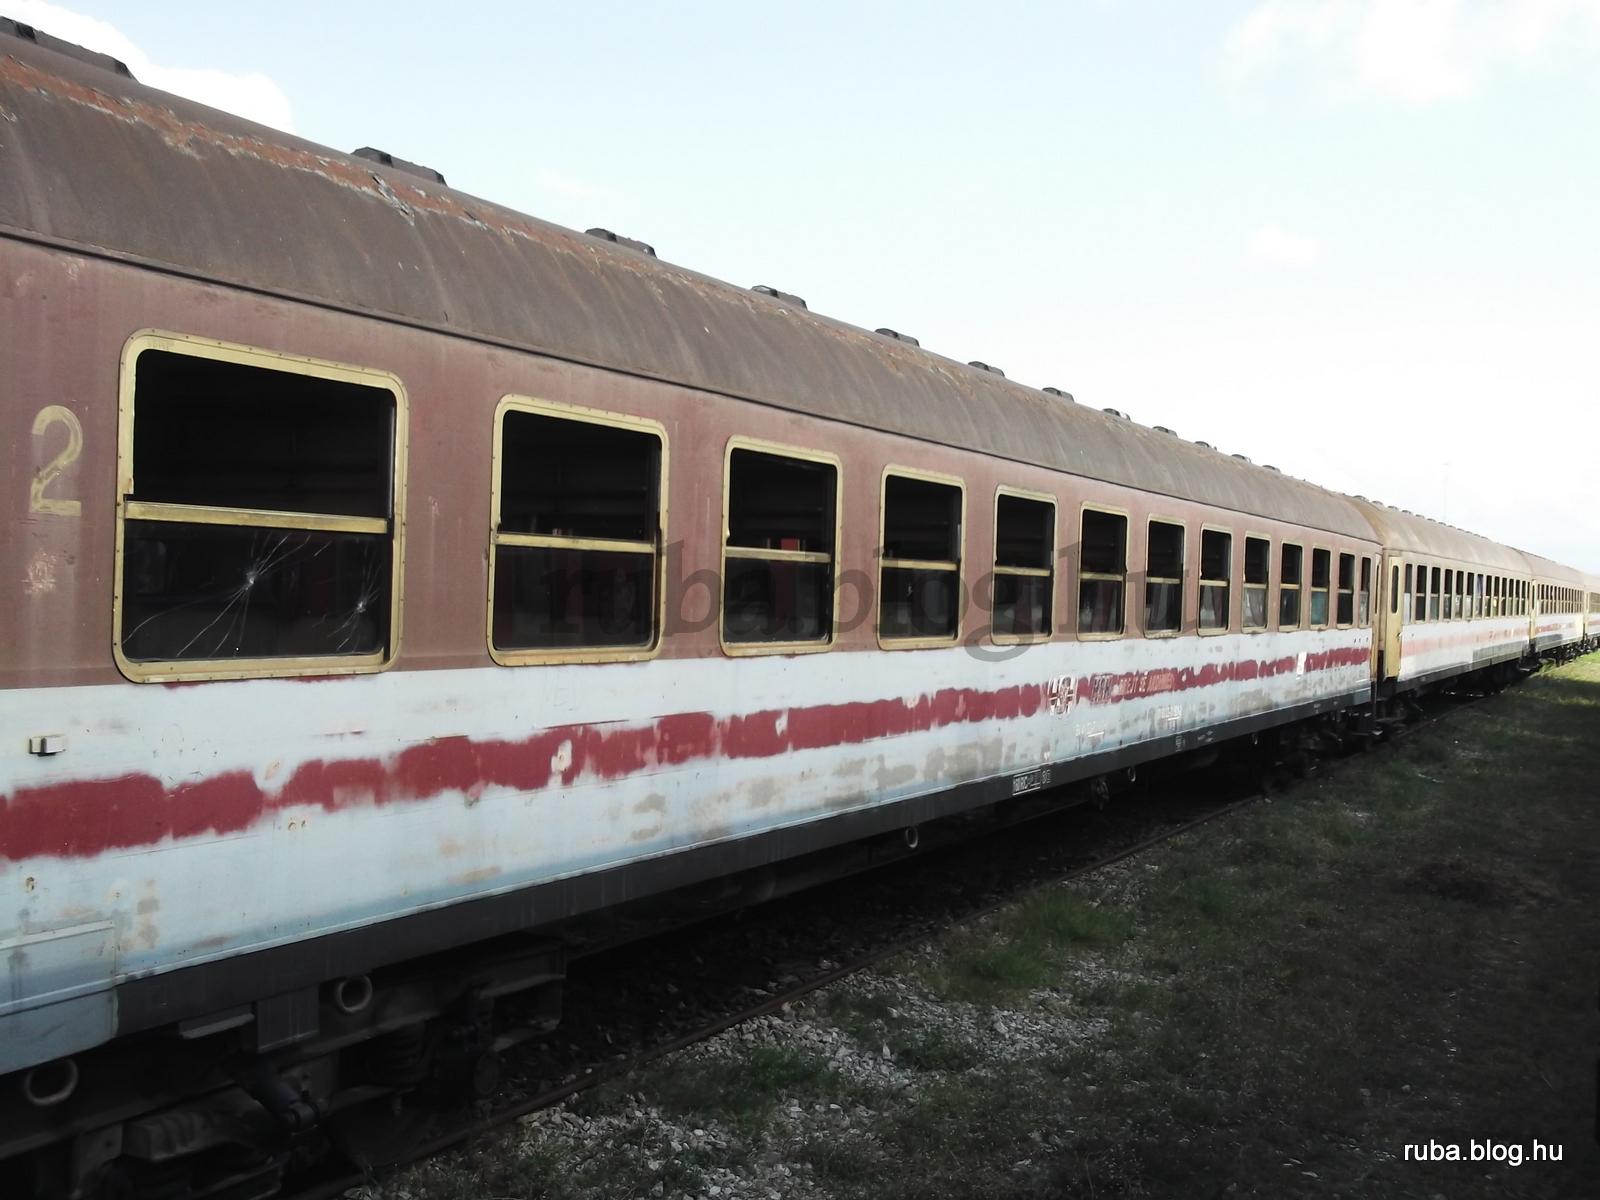 41-dscf7904.JPG